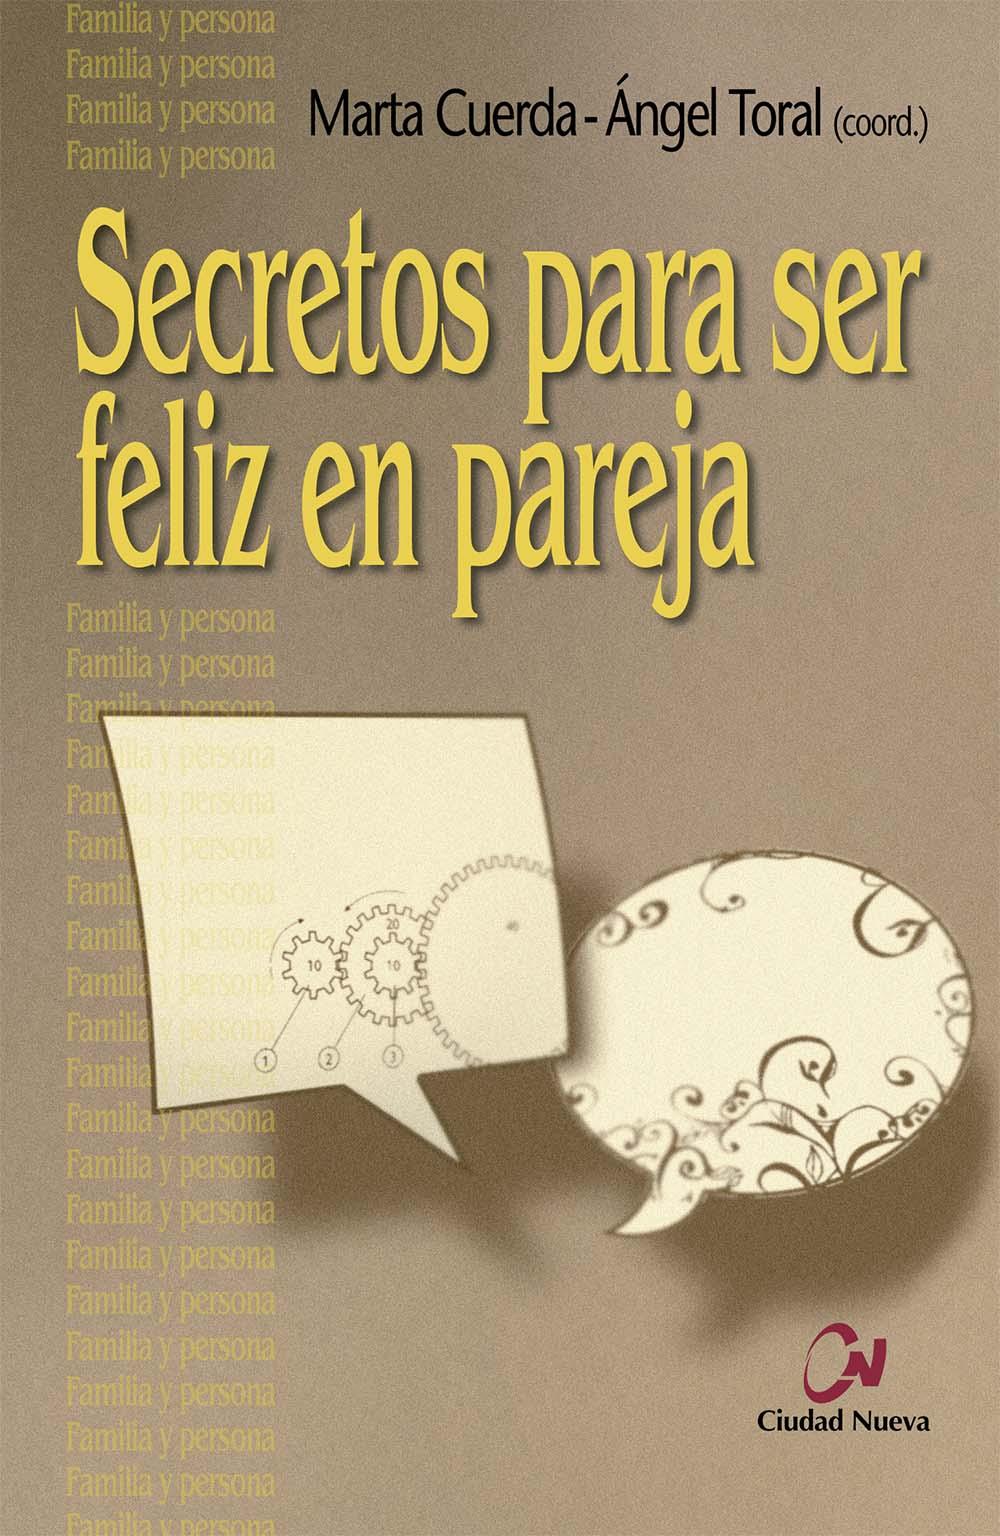 secretos-para-ser-feliz-en-pareja